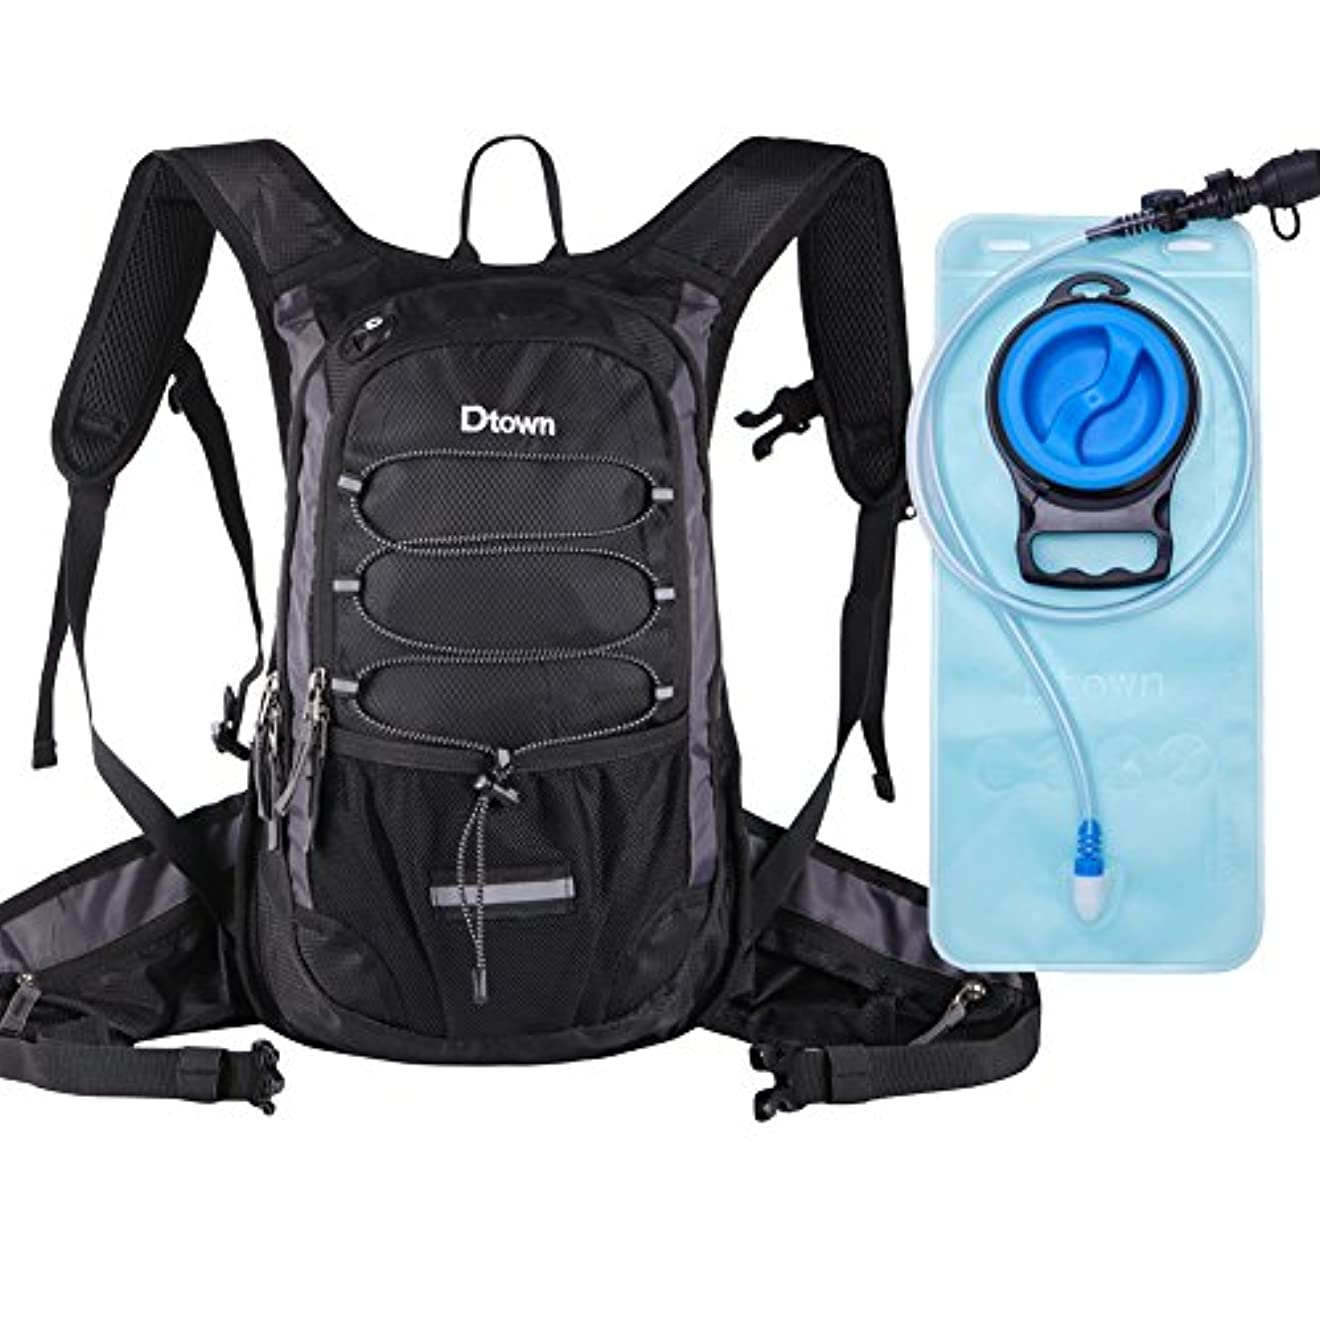 なぜ要旨ネックレスハイドレーションバッグ 防水 軽量 ランニングバッグ リュック 自転車(2L給水袋付き) メンズ レディース サイクリングバックパック ハイキングリュック